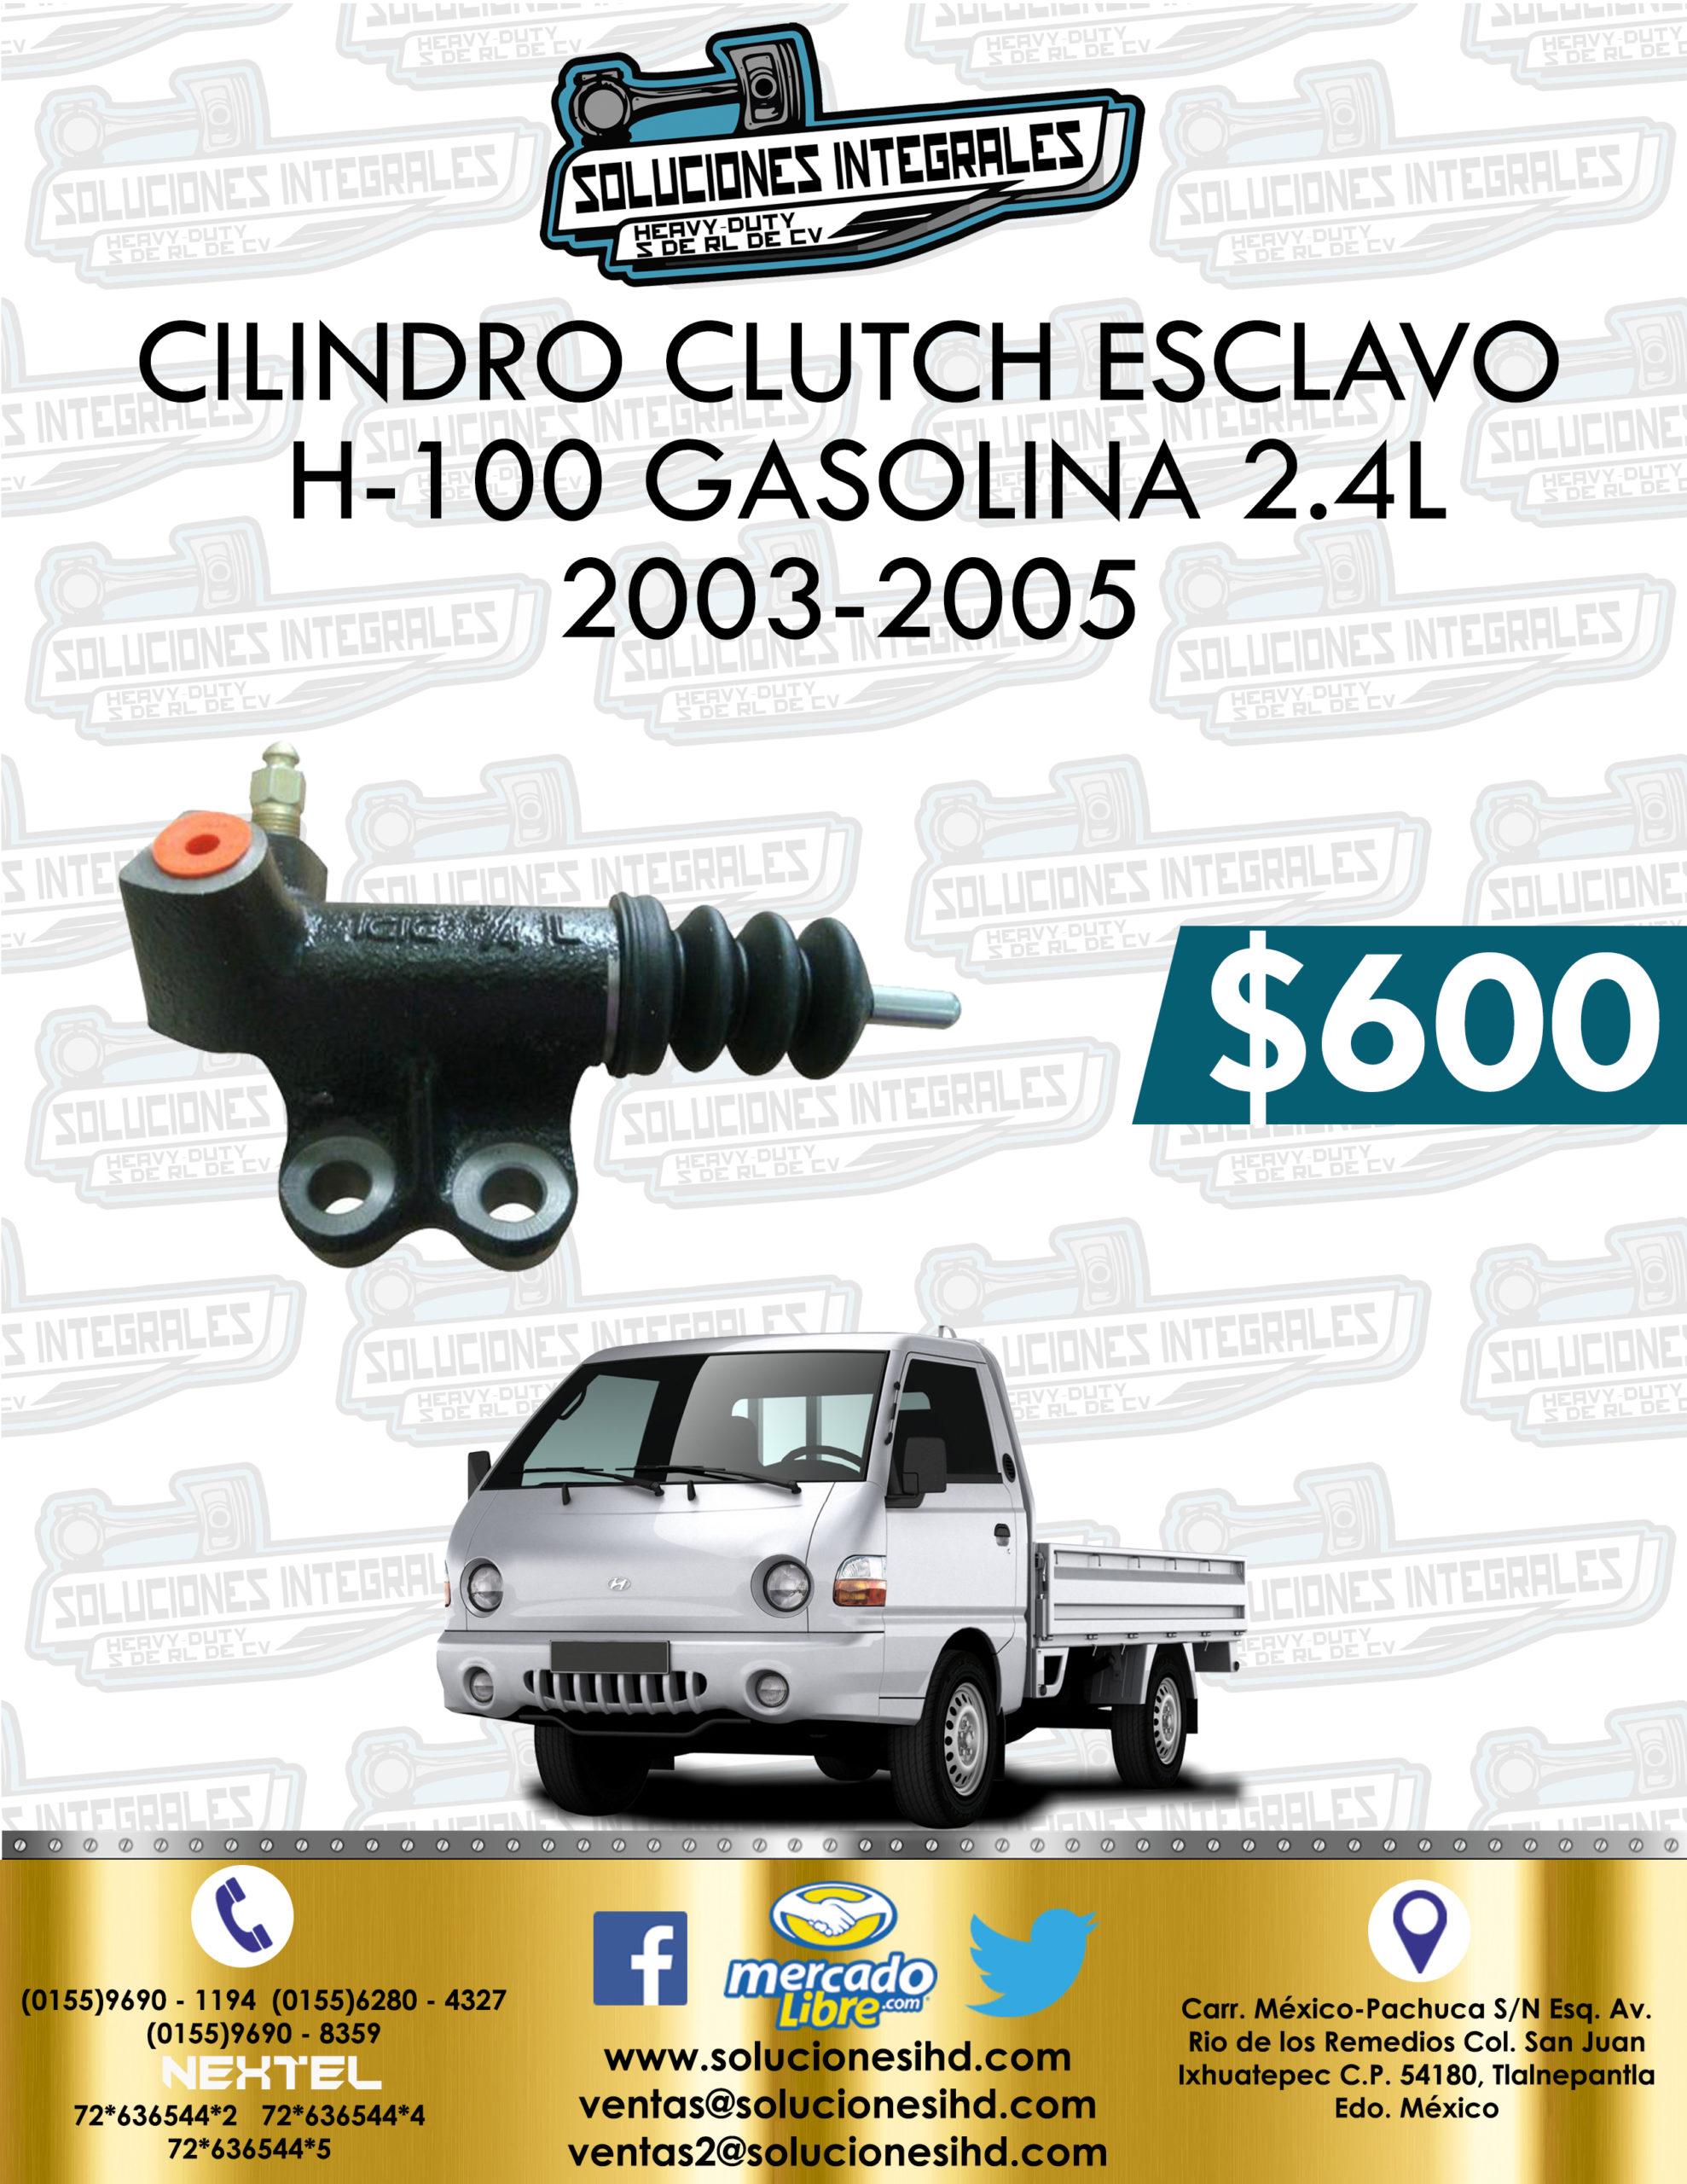 CILINDRO CLUTCH ESCLAVO H-100 GASOLINA 2.4L